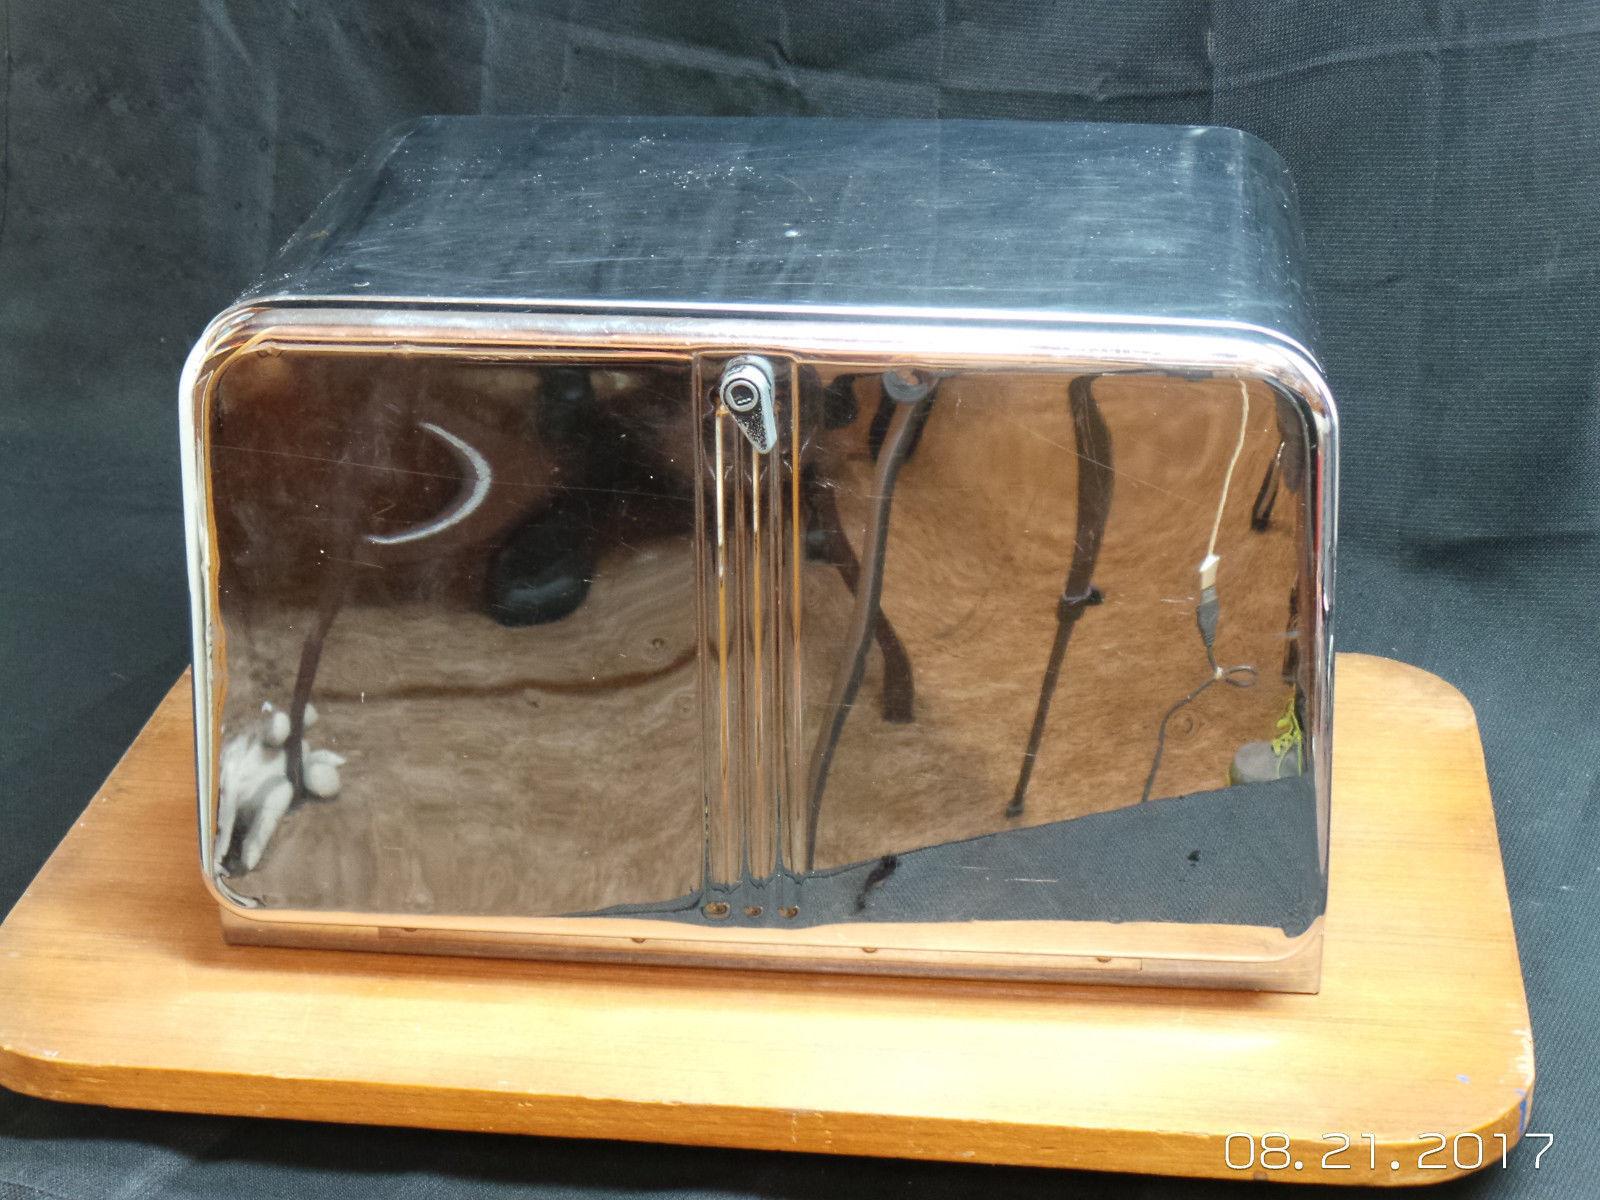 Modish Vintage Lincoln Beauty Box Bread Box Stainless Steel Lincoln Bread Listing Vintage Bread Box Canada Vintage Bread Box Shelf houzz-03 Vintage Bread Box